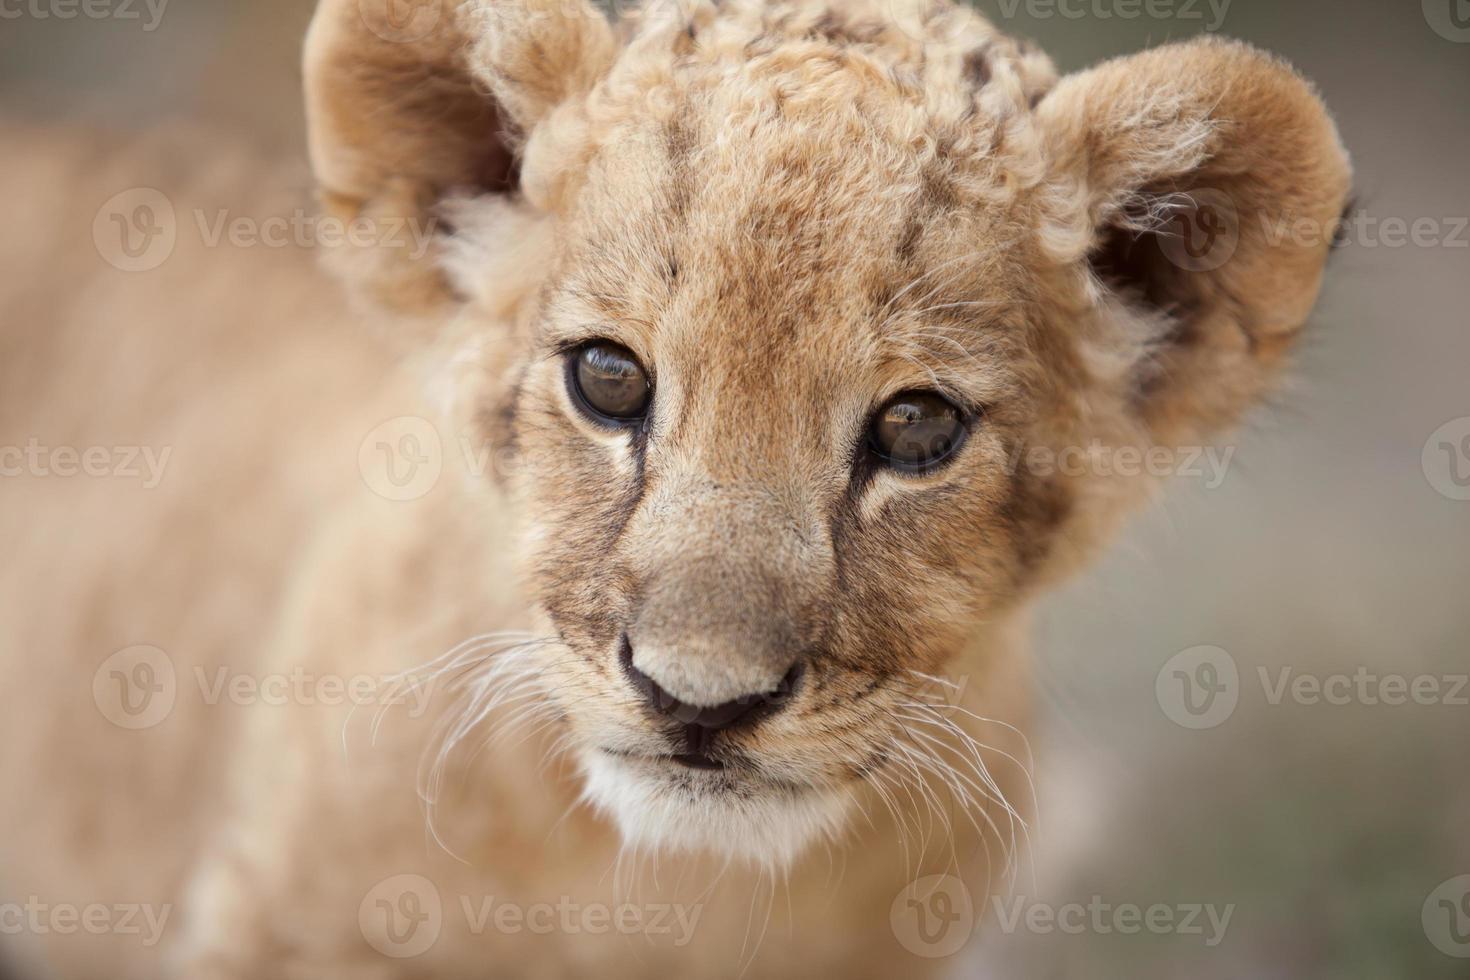 Retrato de lindo cachorro de león pequeño mirándote foto